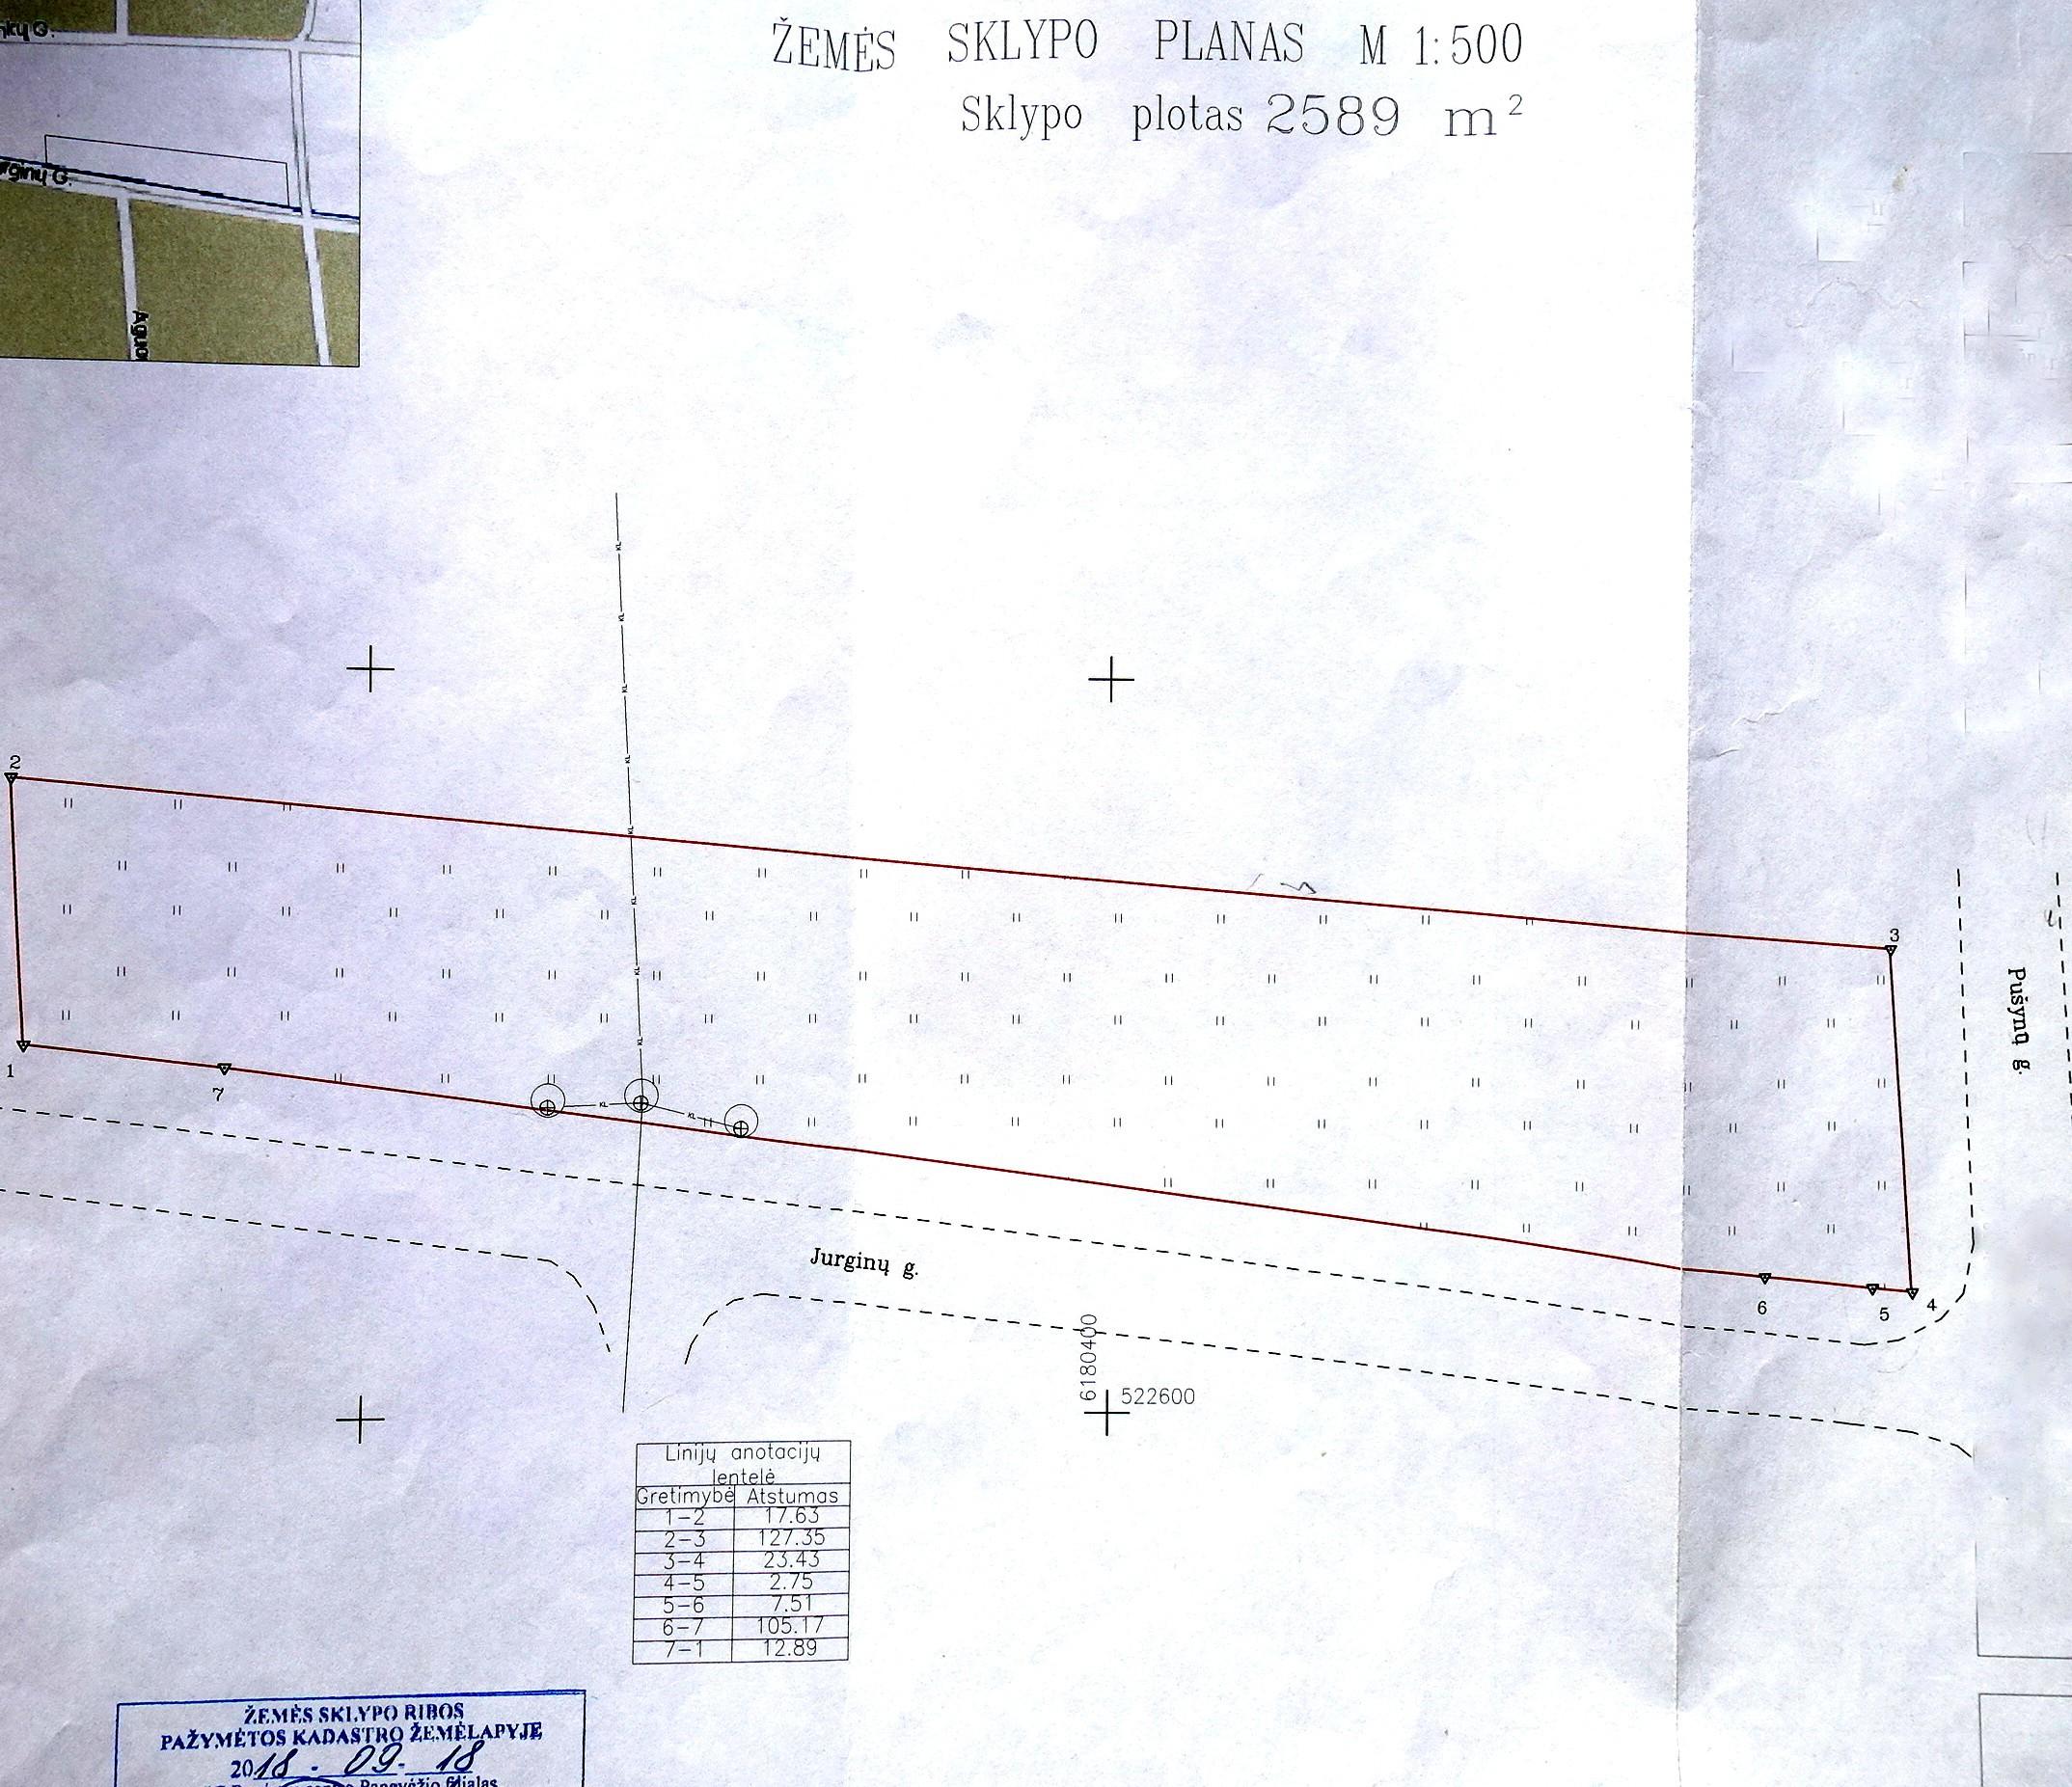 http://www.adomax.lt/nt-photo.php?src=%2Fnt-originals%2F28202%2F28202_1620900197_5.jpg&w=1024&h=768&zc=1